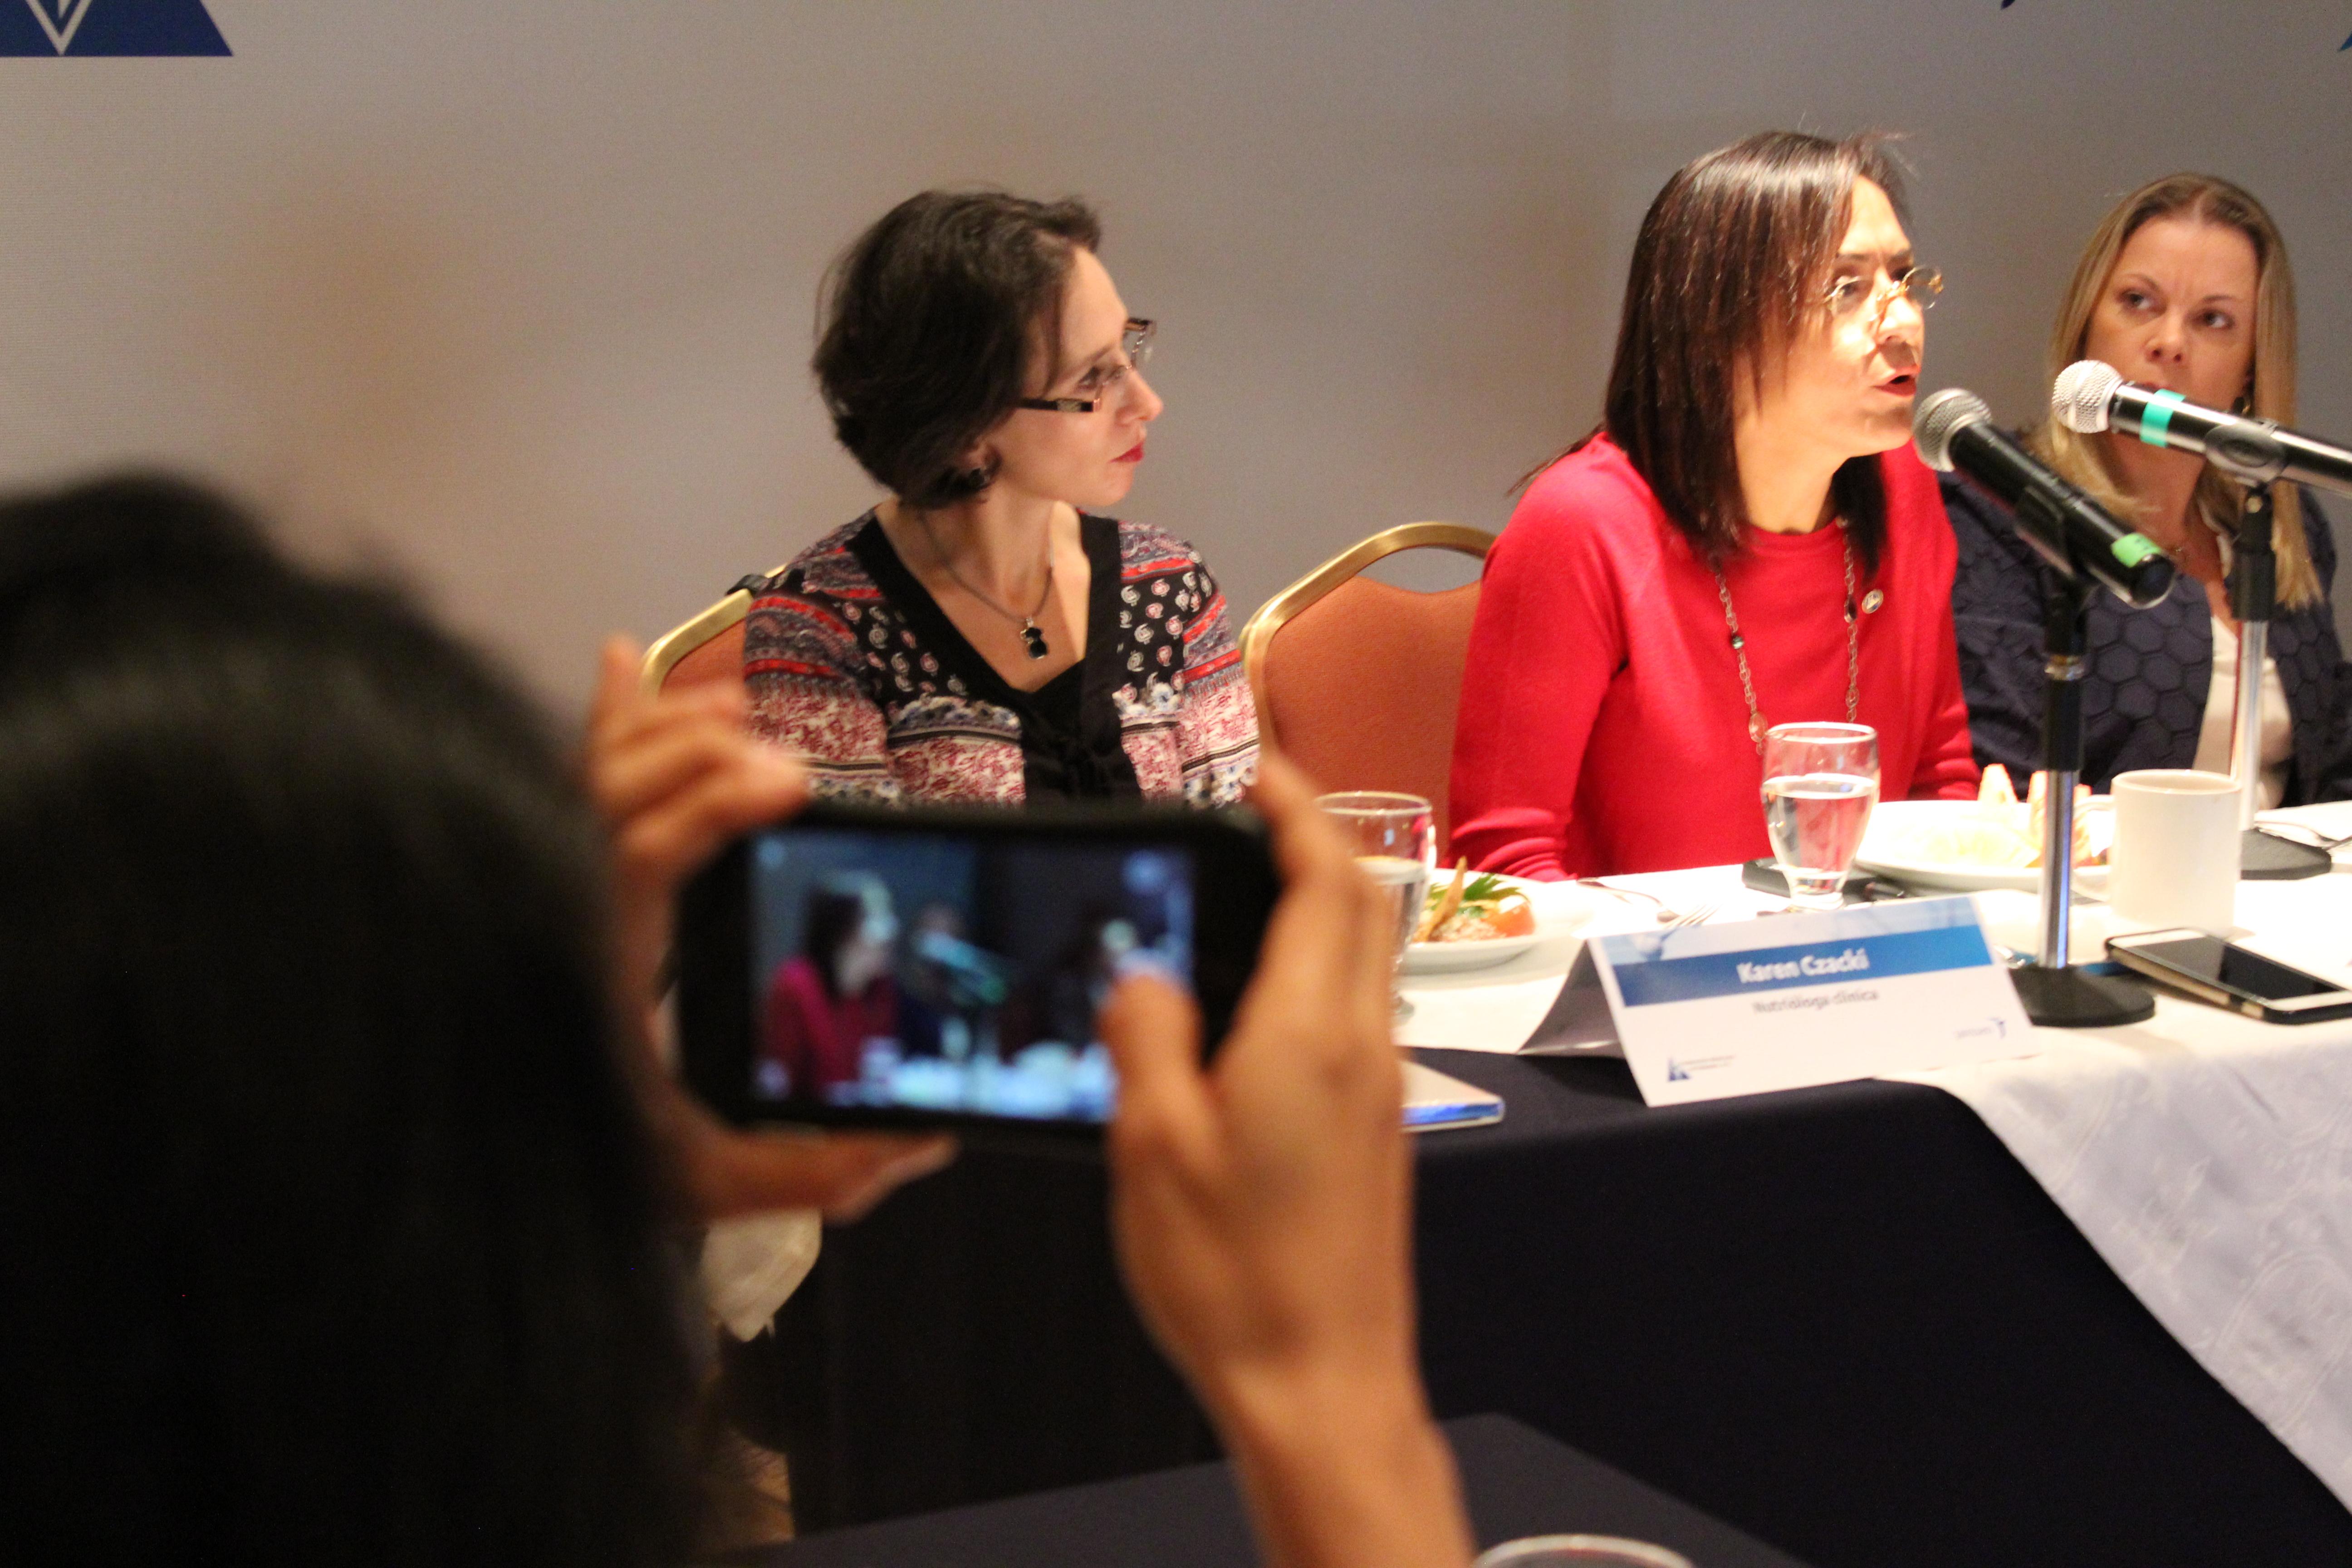 Estilo de vida y tratamientos innovadores indispensables para la salud de millones de mexicanos con diabetes